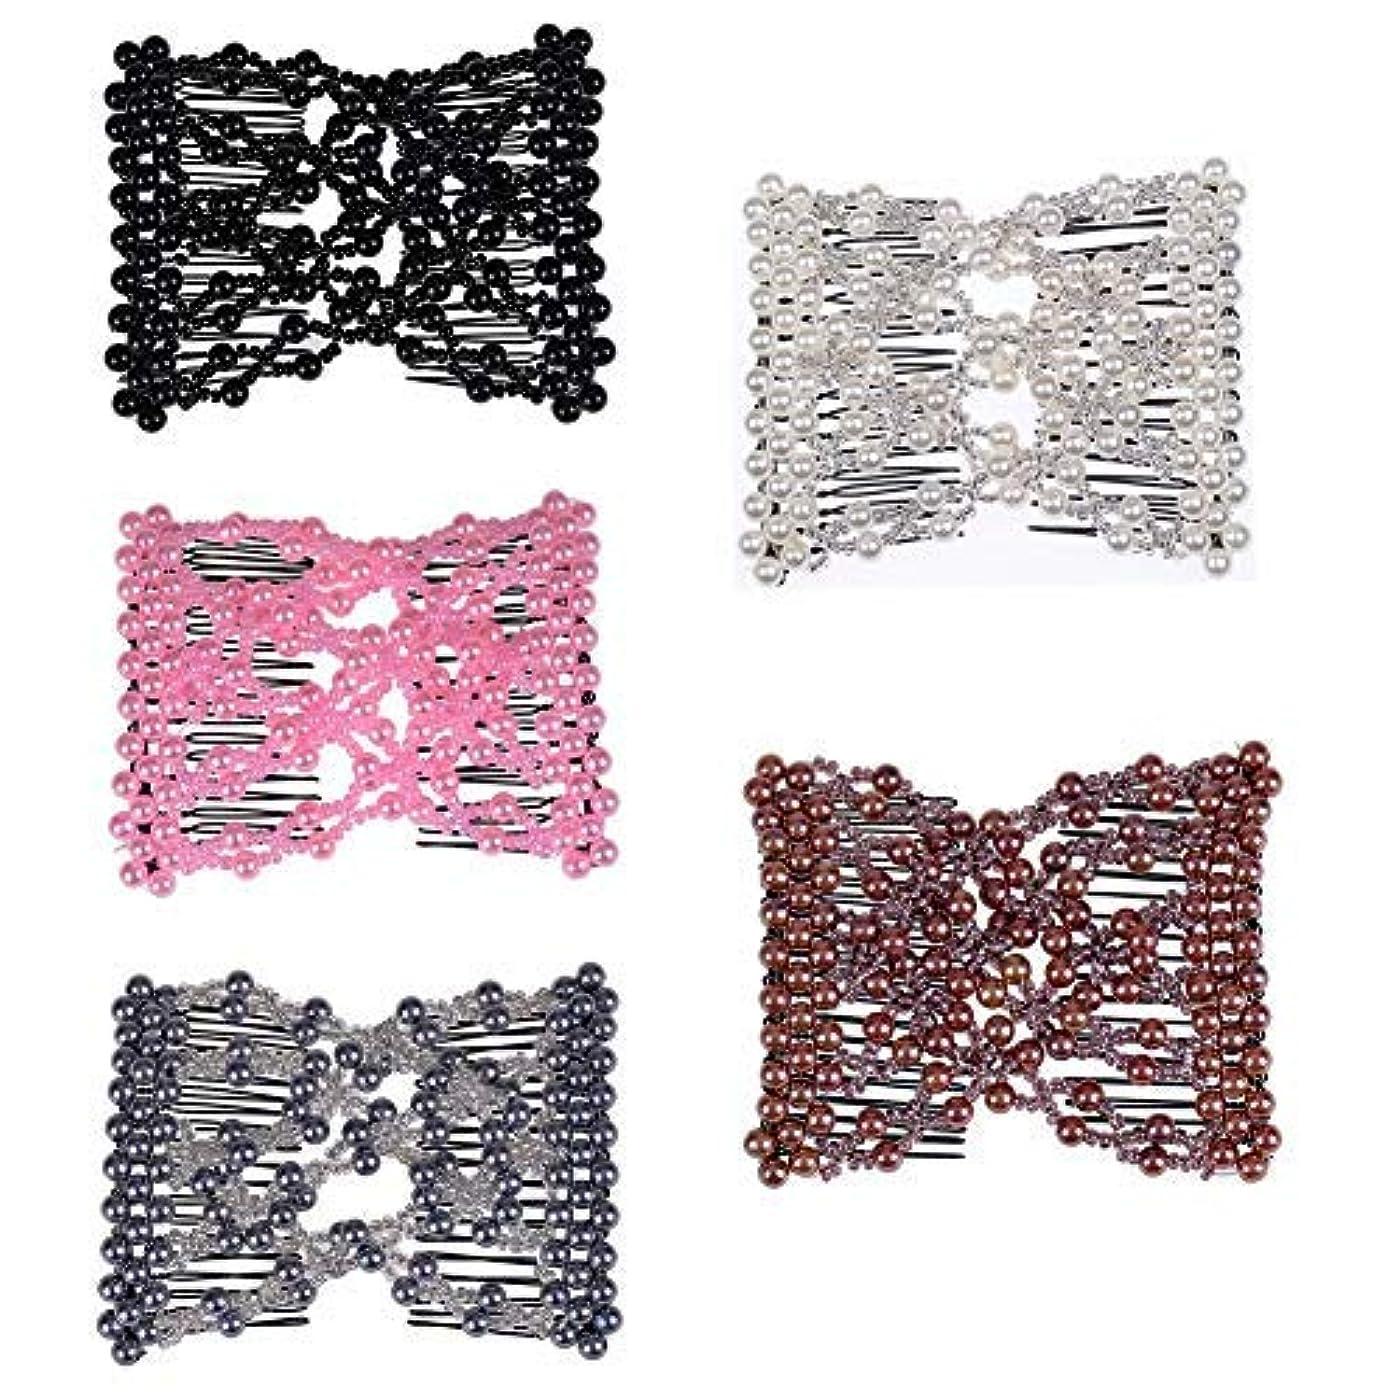 コンパス共産主義起業家Casualfashion 5Pcs Ez Stretch Beaded Hair Combs Double Magic Slide Metal Comb Clip Hairpins for Women Hair Styling...